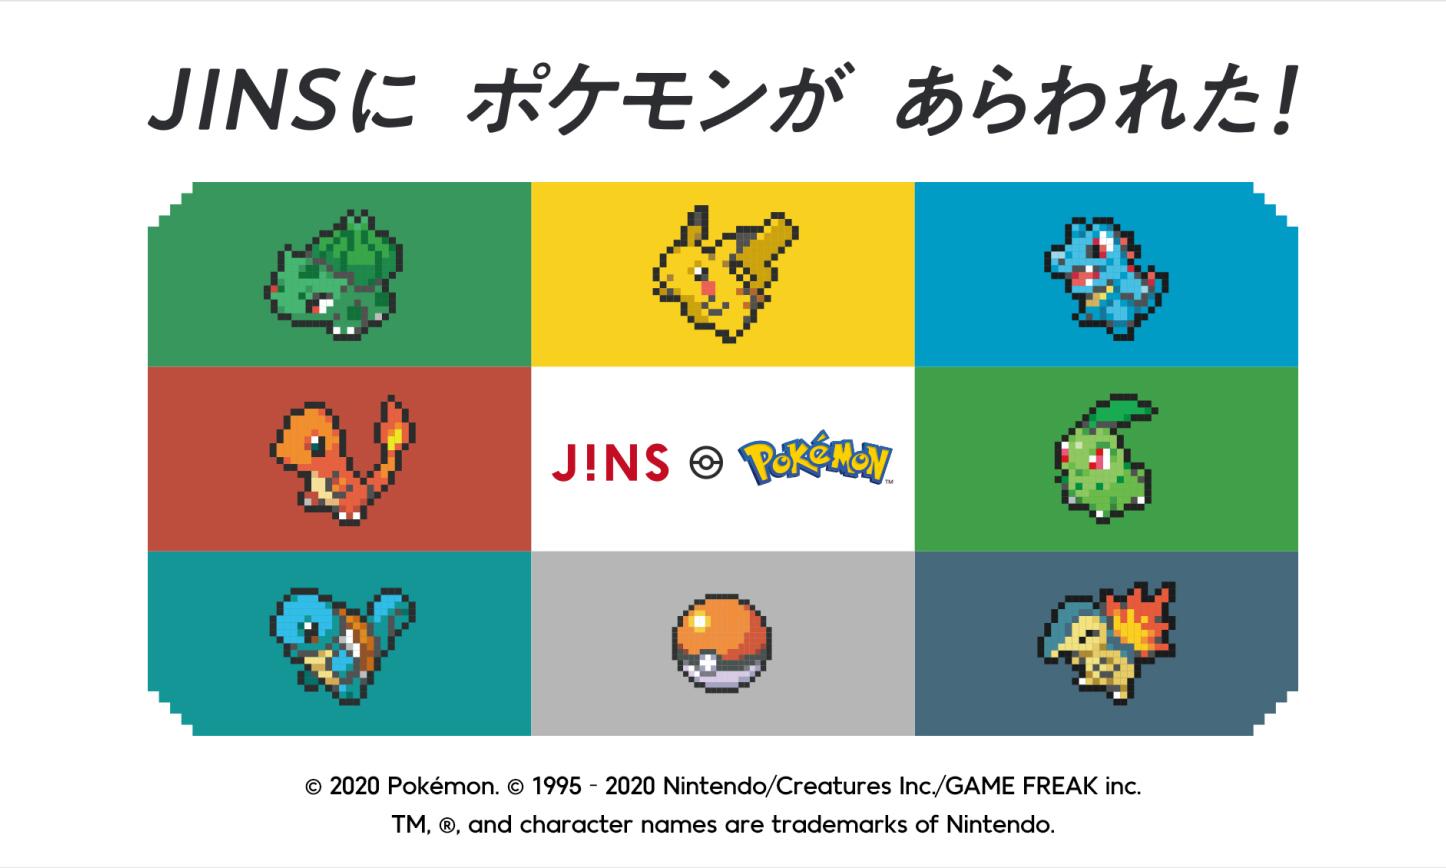 眼镜品牌 JINS x Pokémon 推出神奇宝贝主题镜框